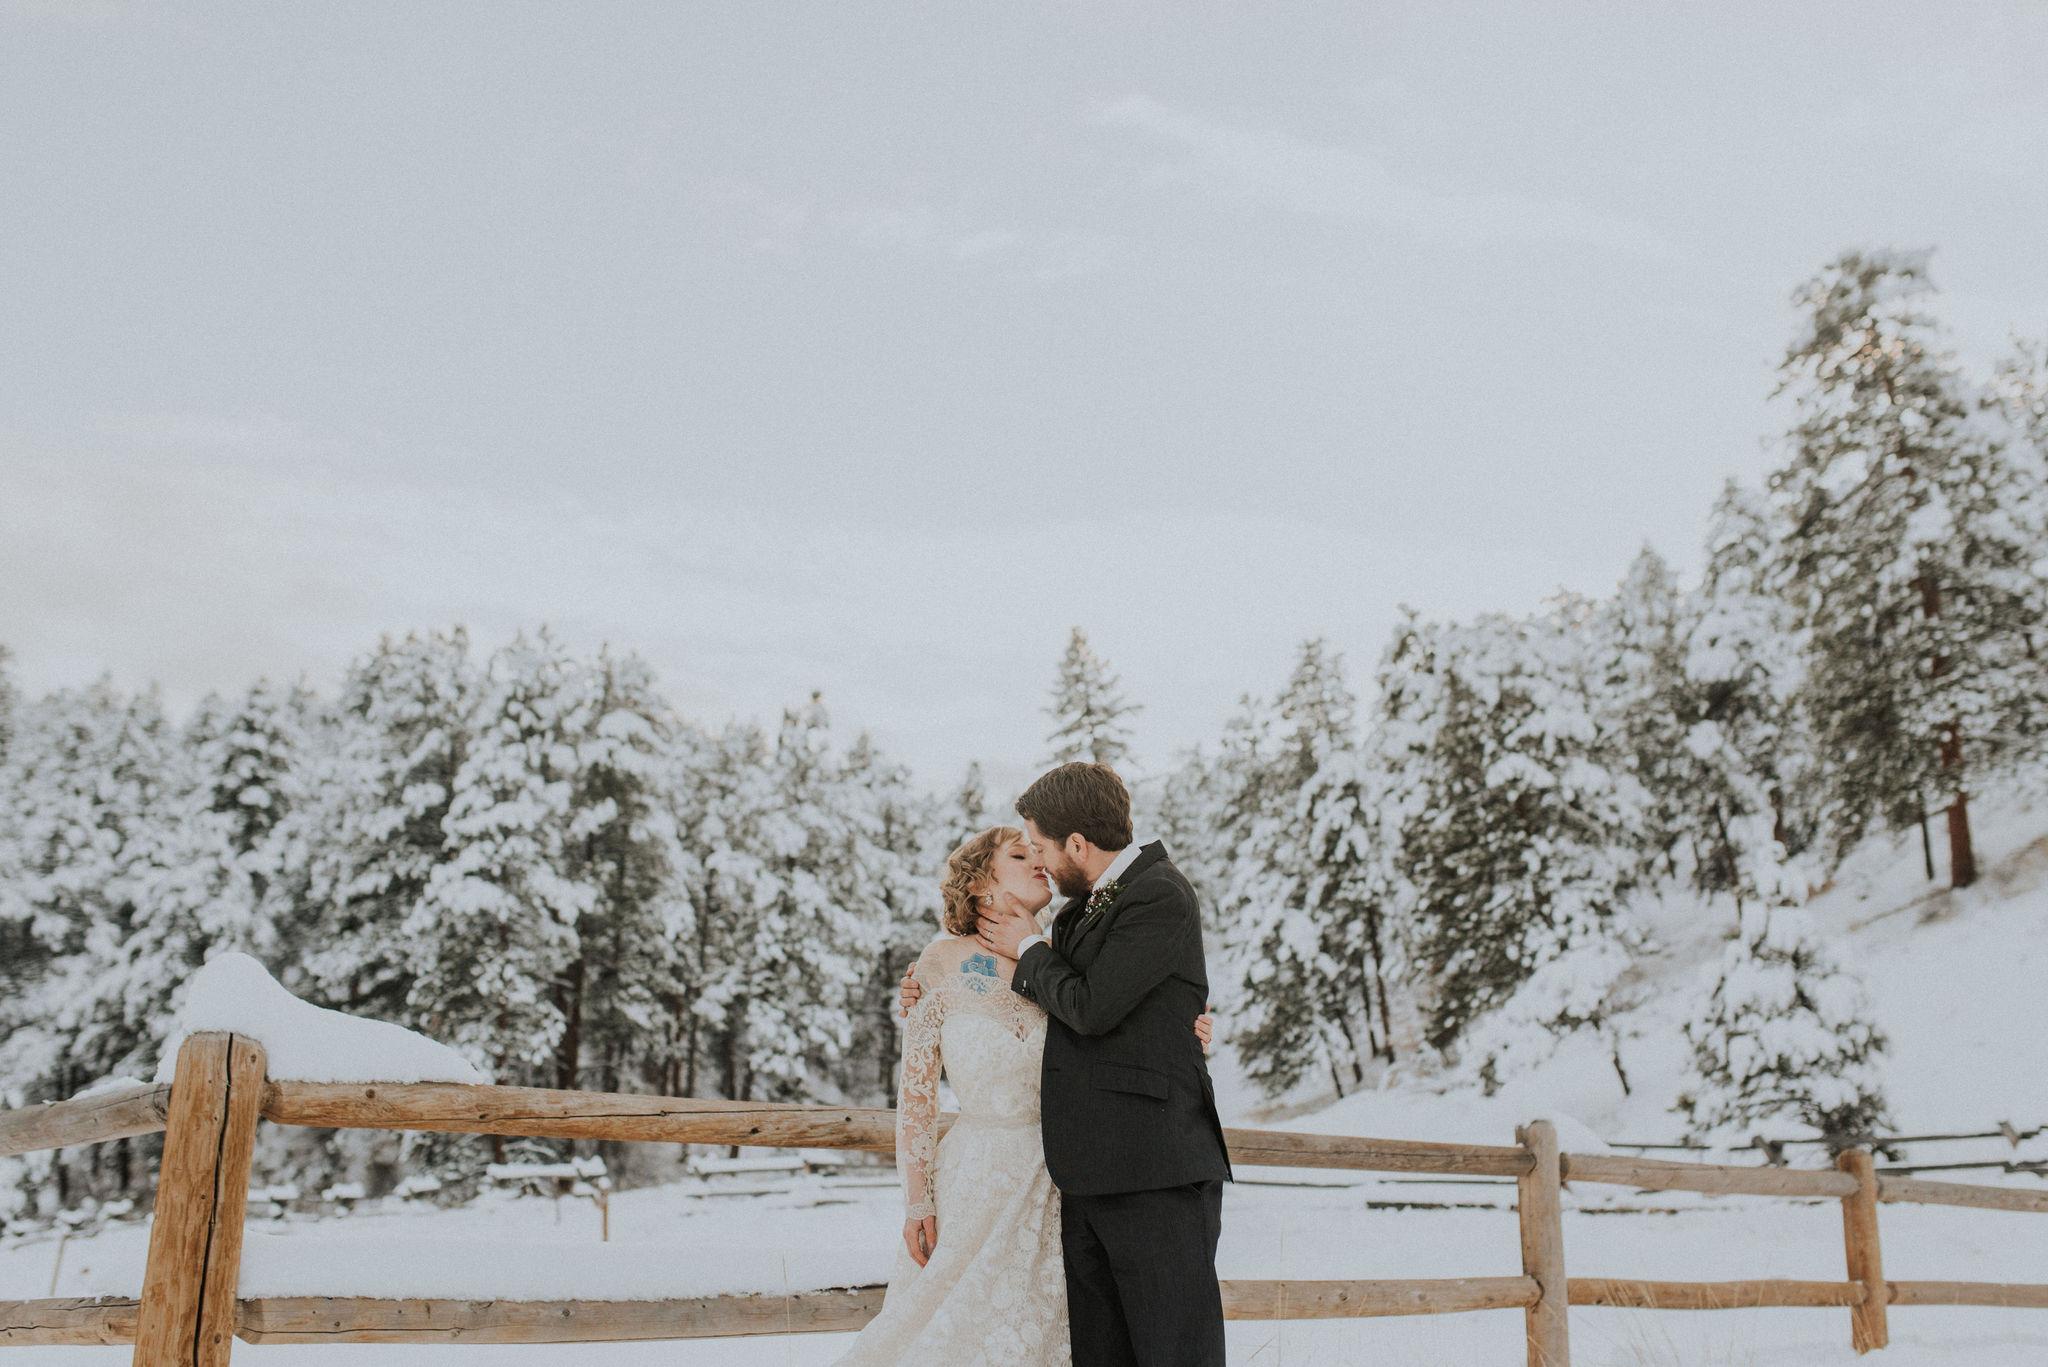 alyssaleicht-angela-john-wedding-501.jpg